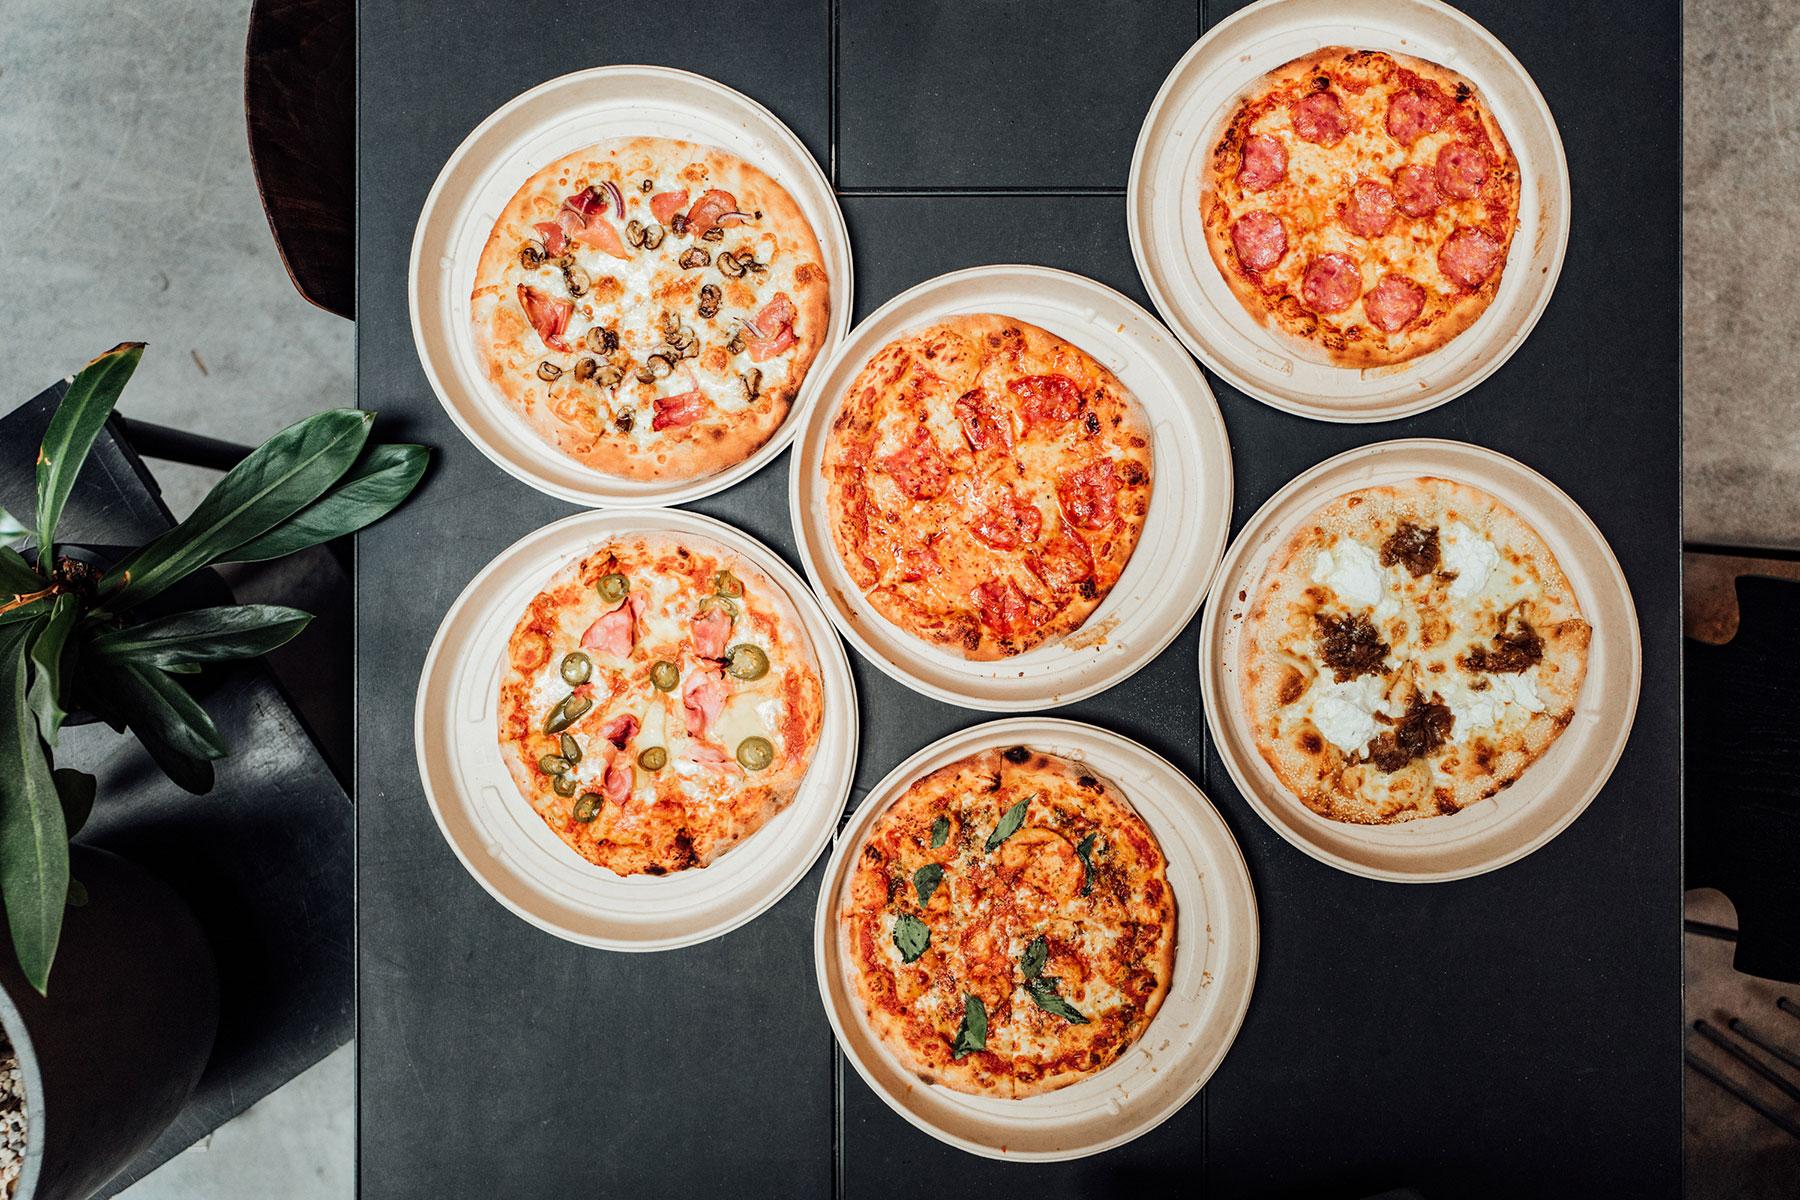 Viele verschiedene Pizzasorten bei Mission Pizza